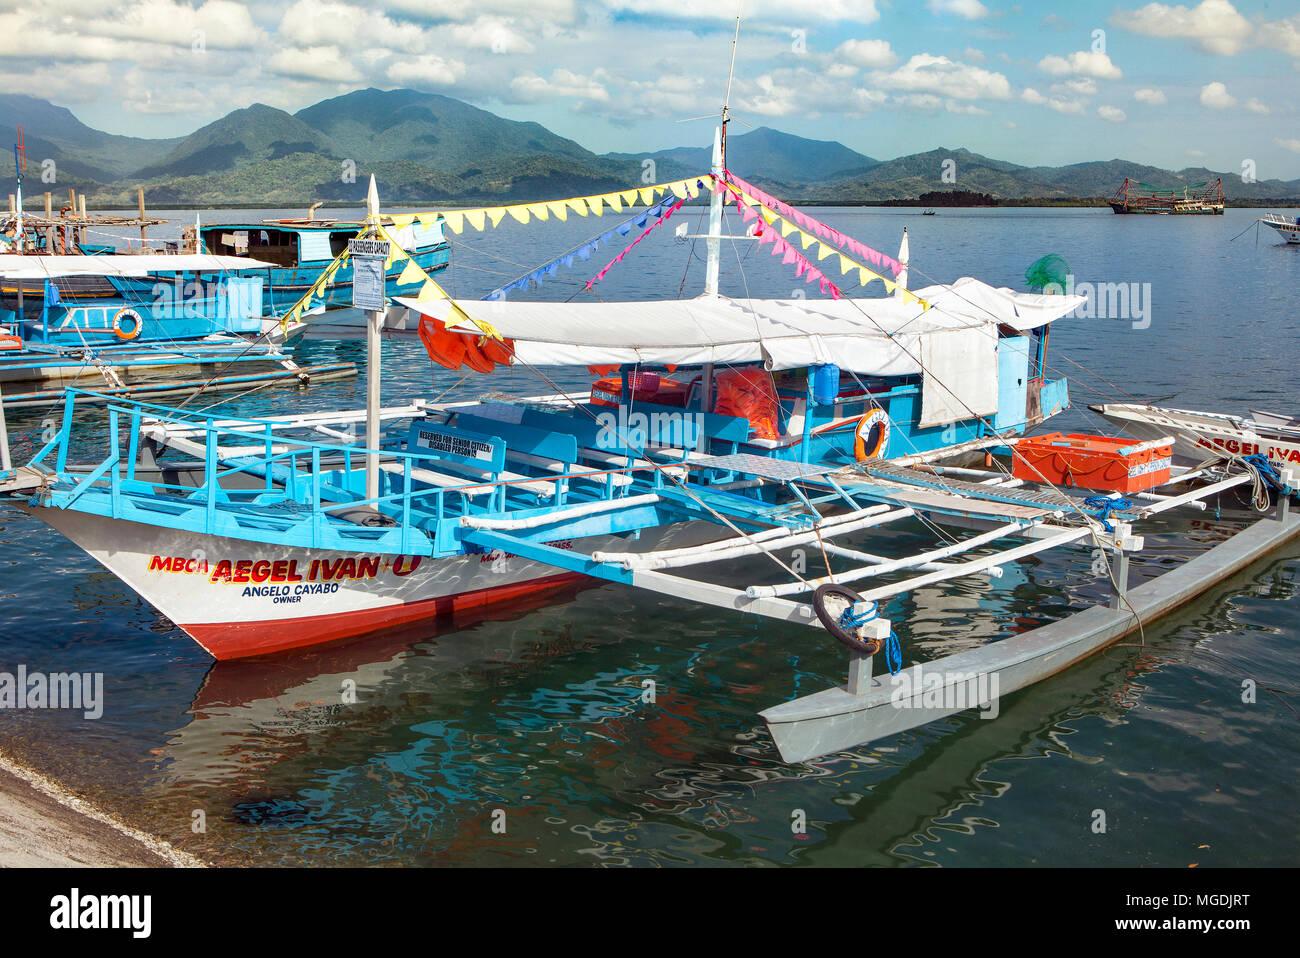 filipino inter island passenger pump boat known locally as a bangka